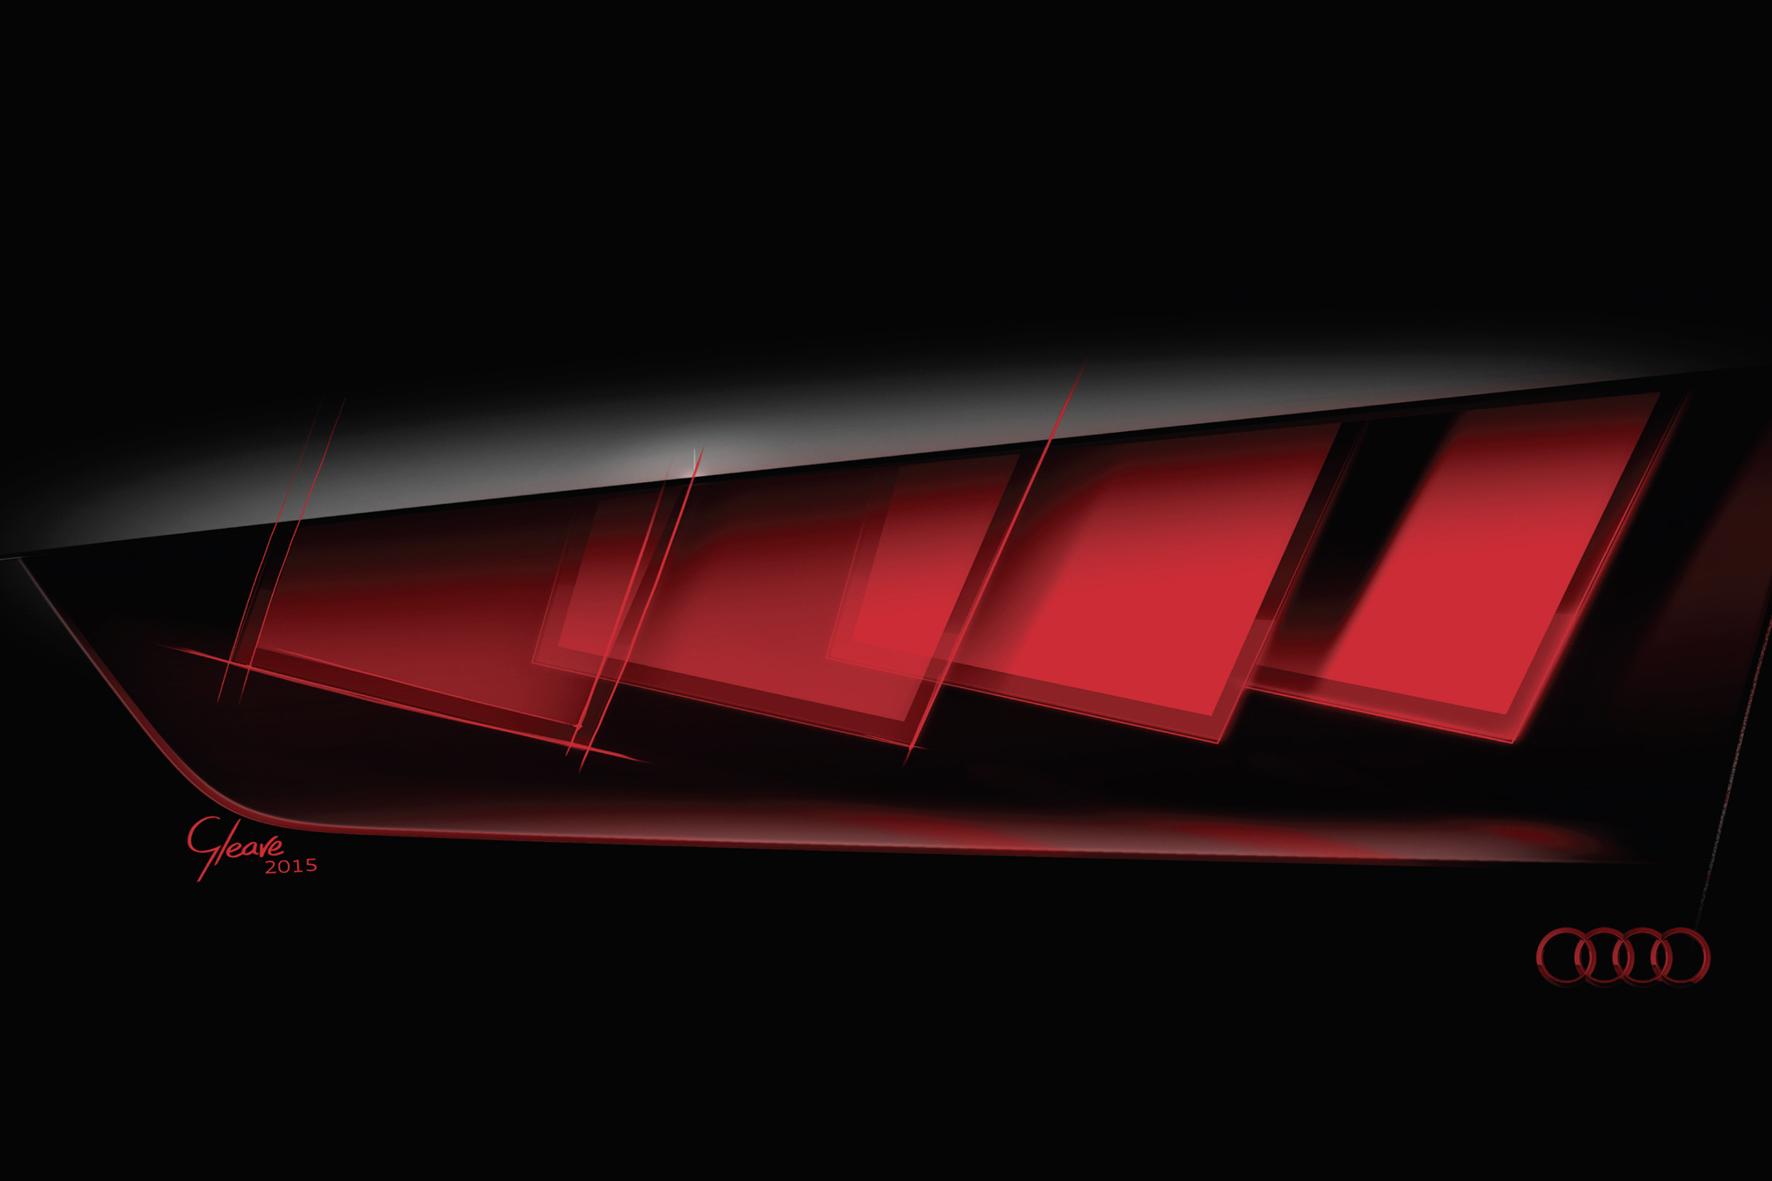 Ingolstadt mid - Die Matrix-Oled-Technologie ermöglicht neue Formen bei der Gestaltung der Rückleuchten. Audi zeigt auf der IAA eine Studie mit der neuen Technik.